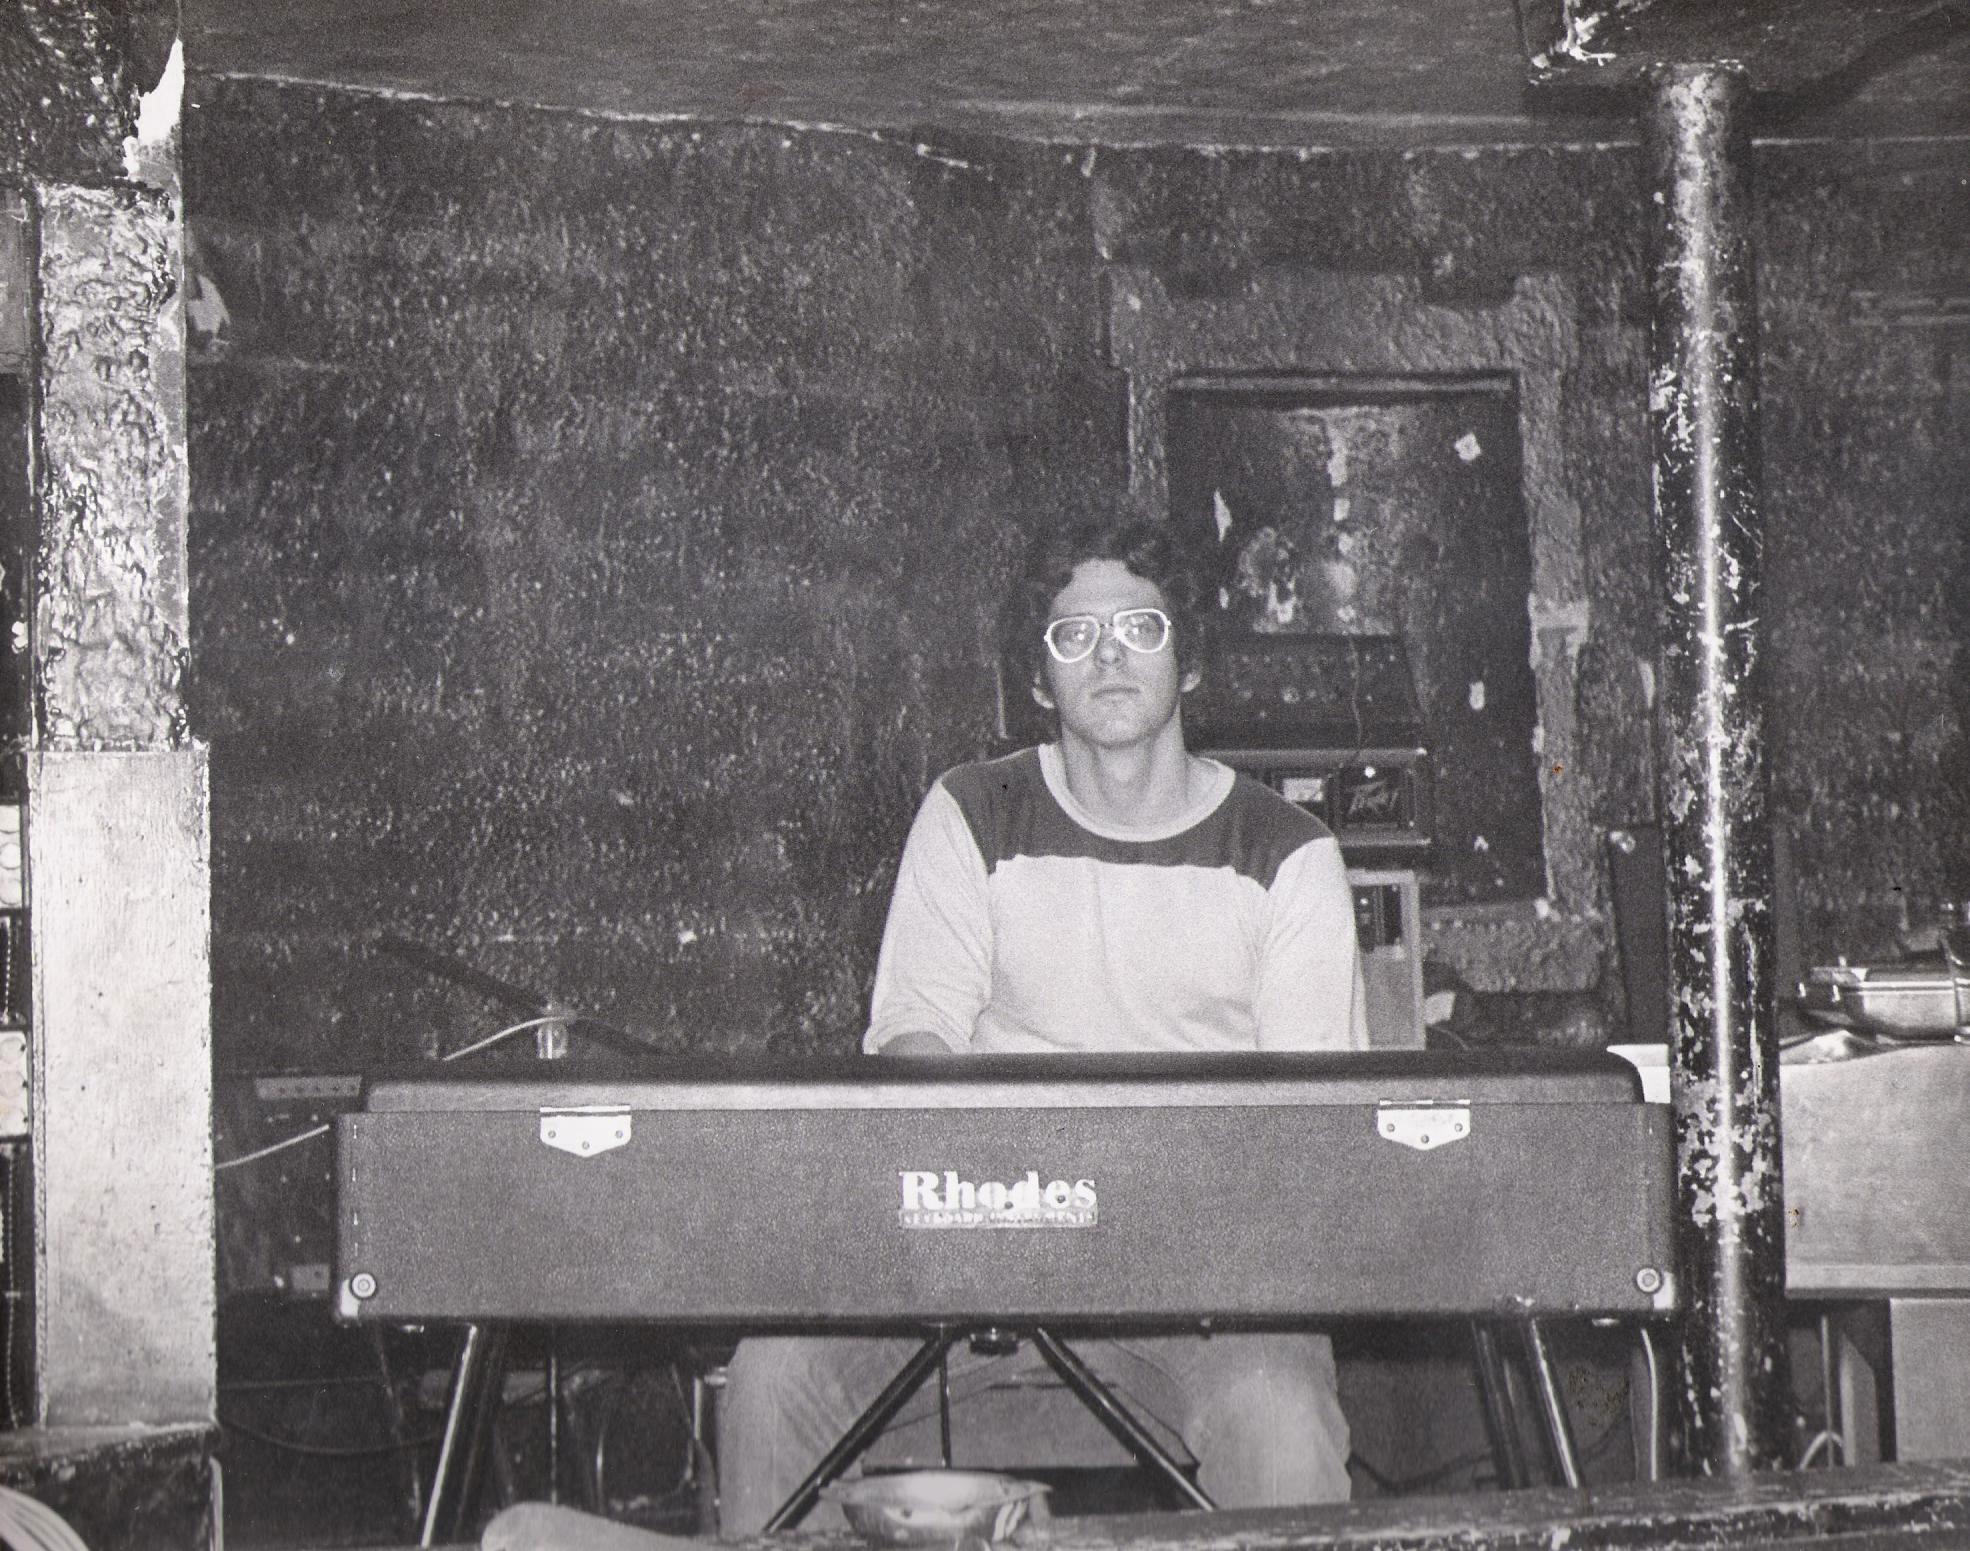 McVans 1979 - Dave Maltbie with Fender Rhodes, Wurlitzer 4100 Organ and Moog Sonic Six